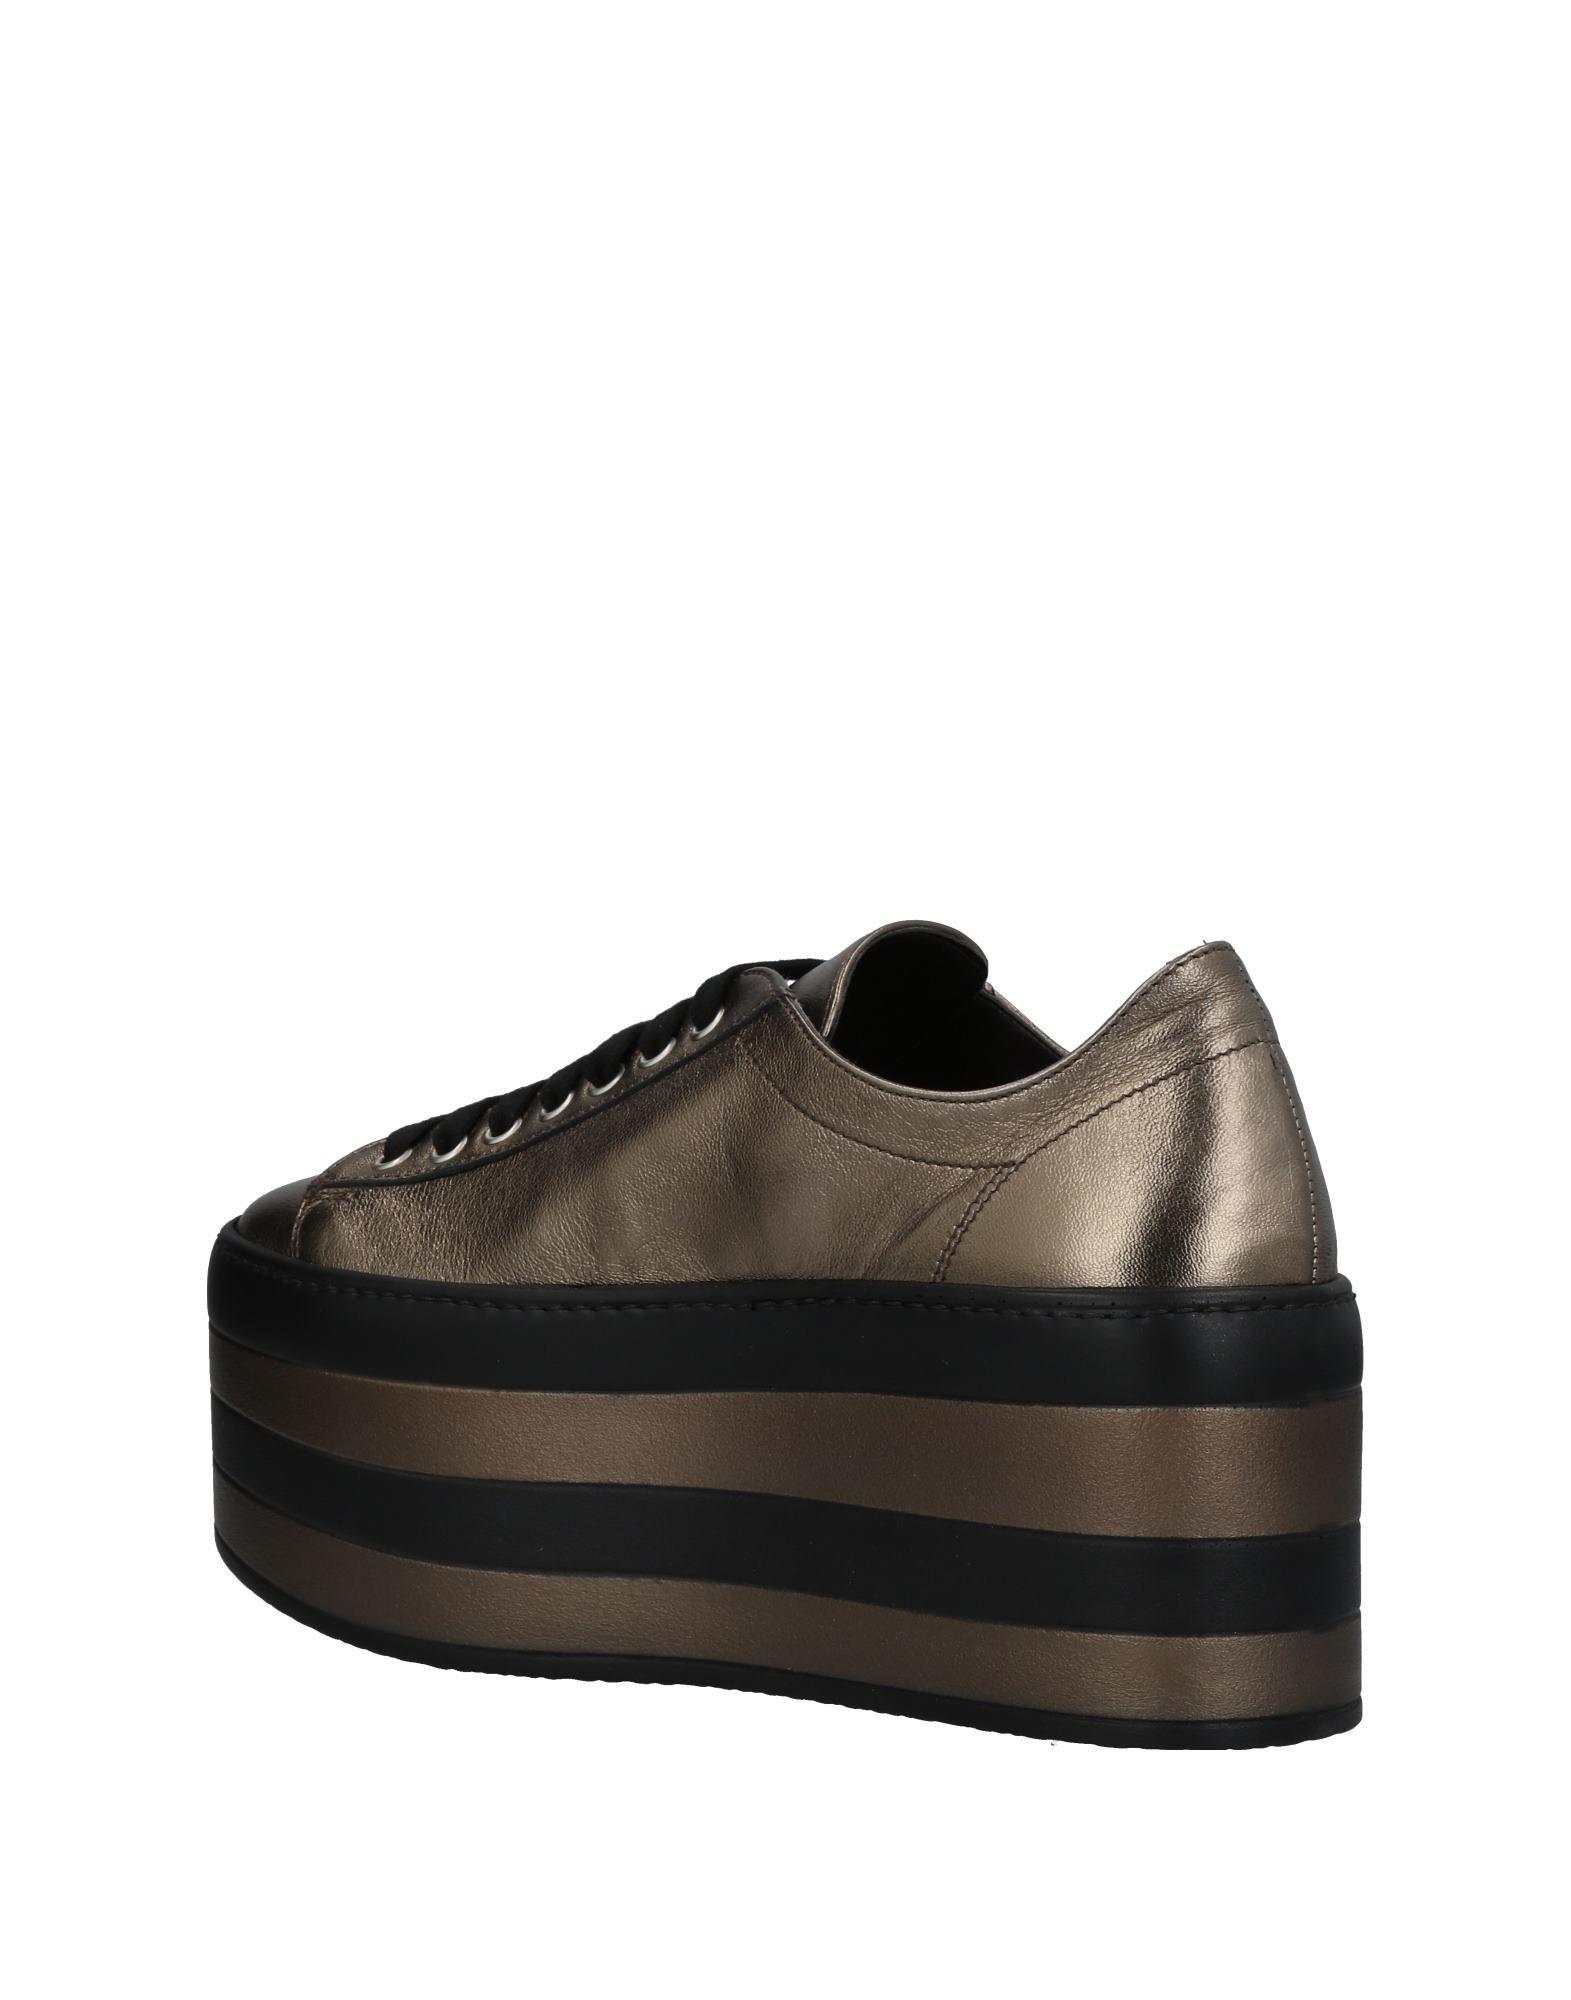 Divine Follie Sneakers Sneakers Sneakers - Women Divine Follie Sneakers online on  Canada - 11456970DM f0ea28